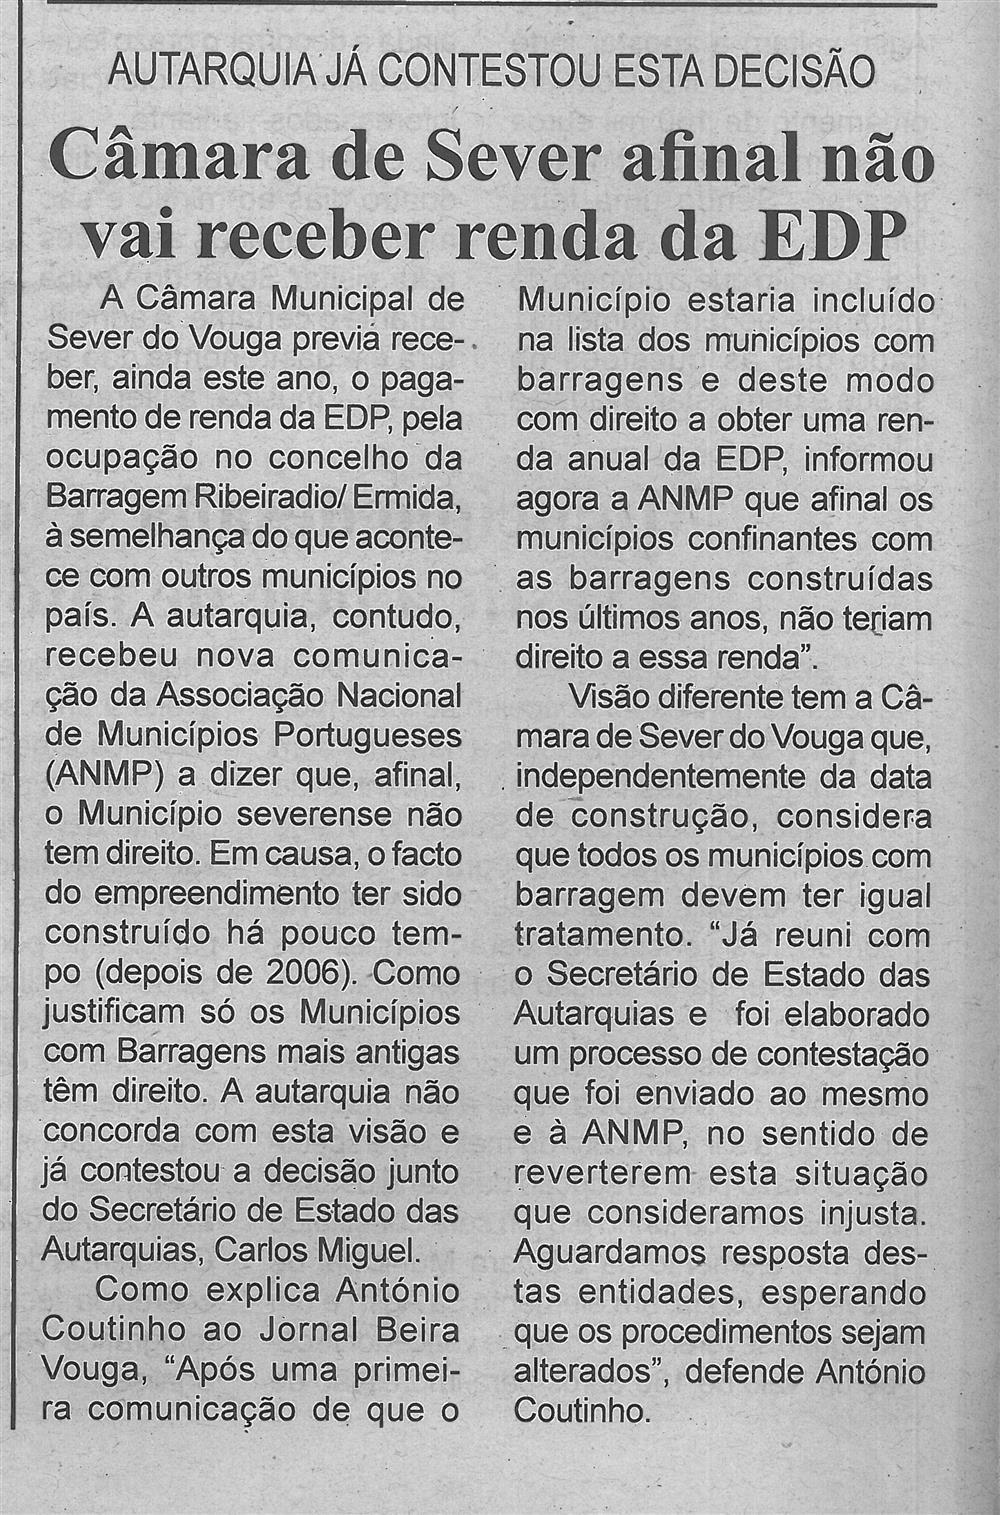 BV-2.ªmaio'16-p.6-Câmara de Sever afinal não vai receber renda da EDP : autarquia já contestou esta decisão.jpg